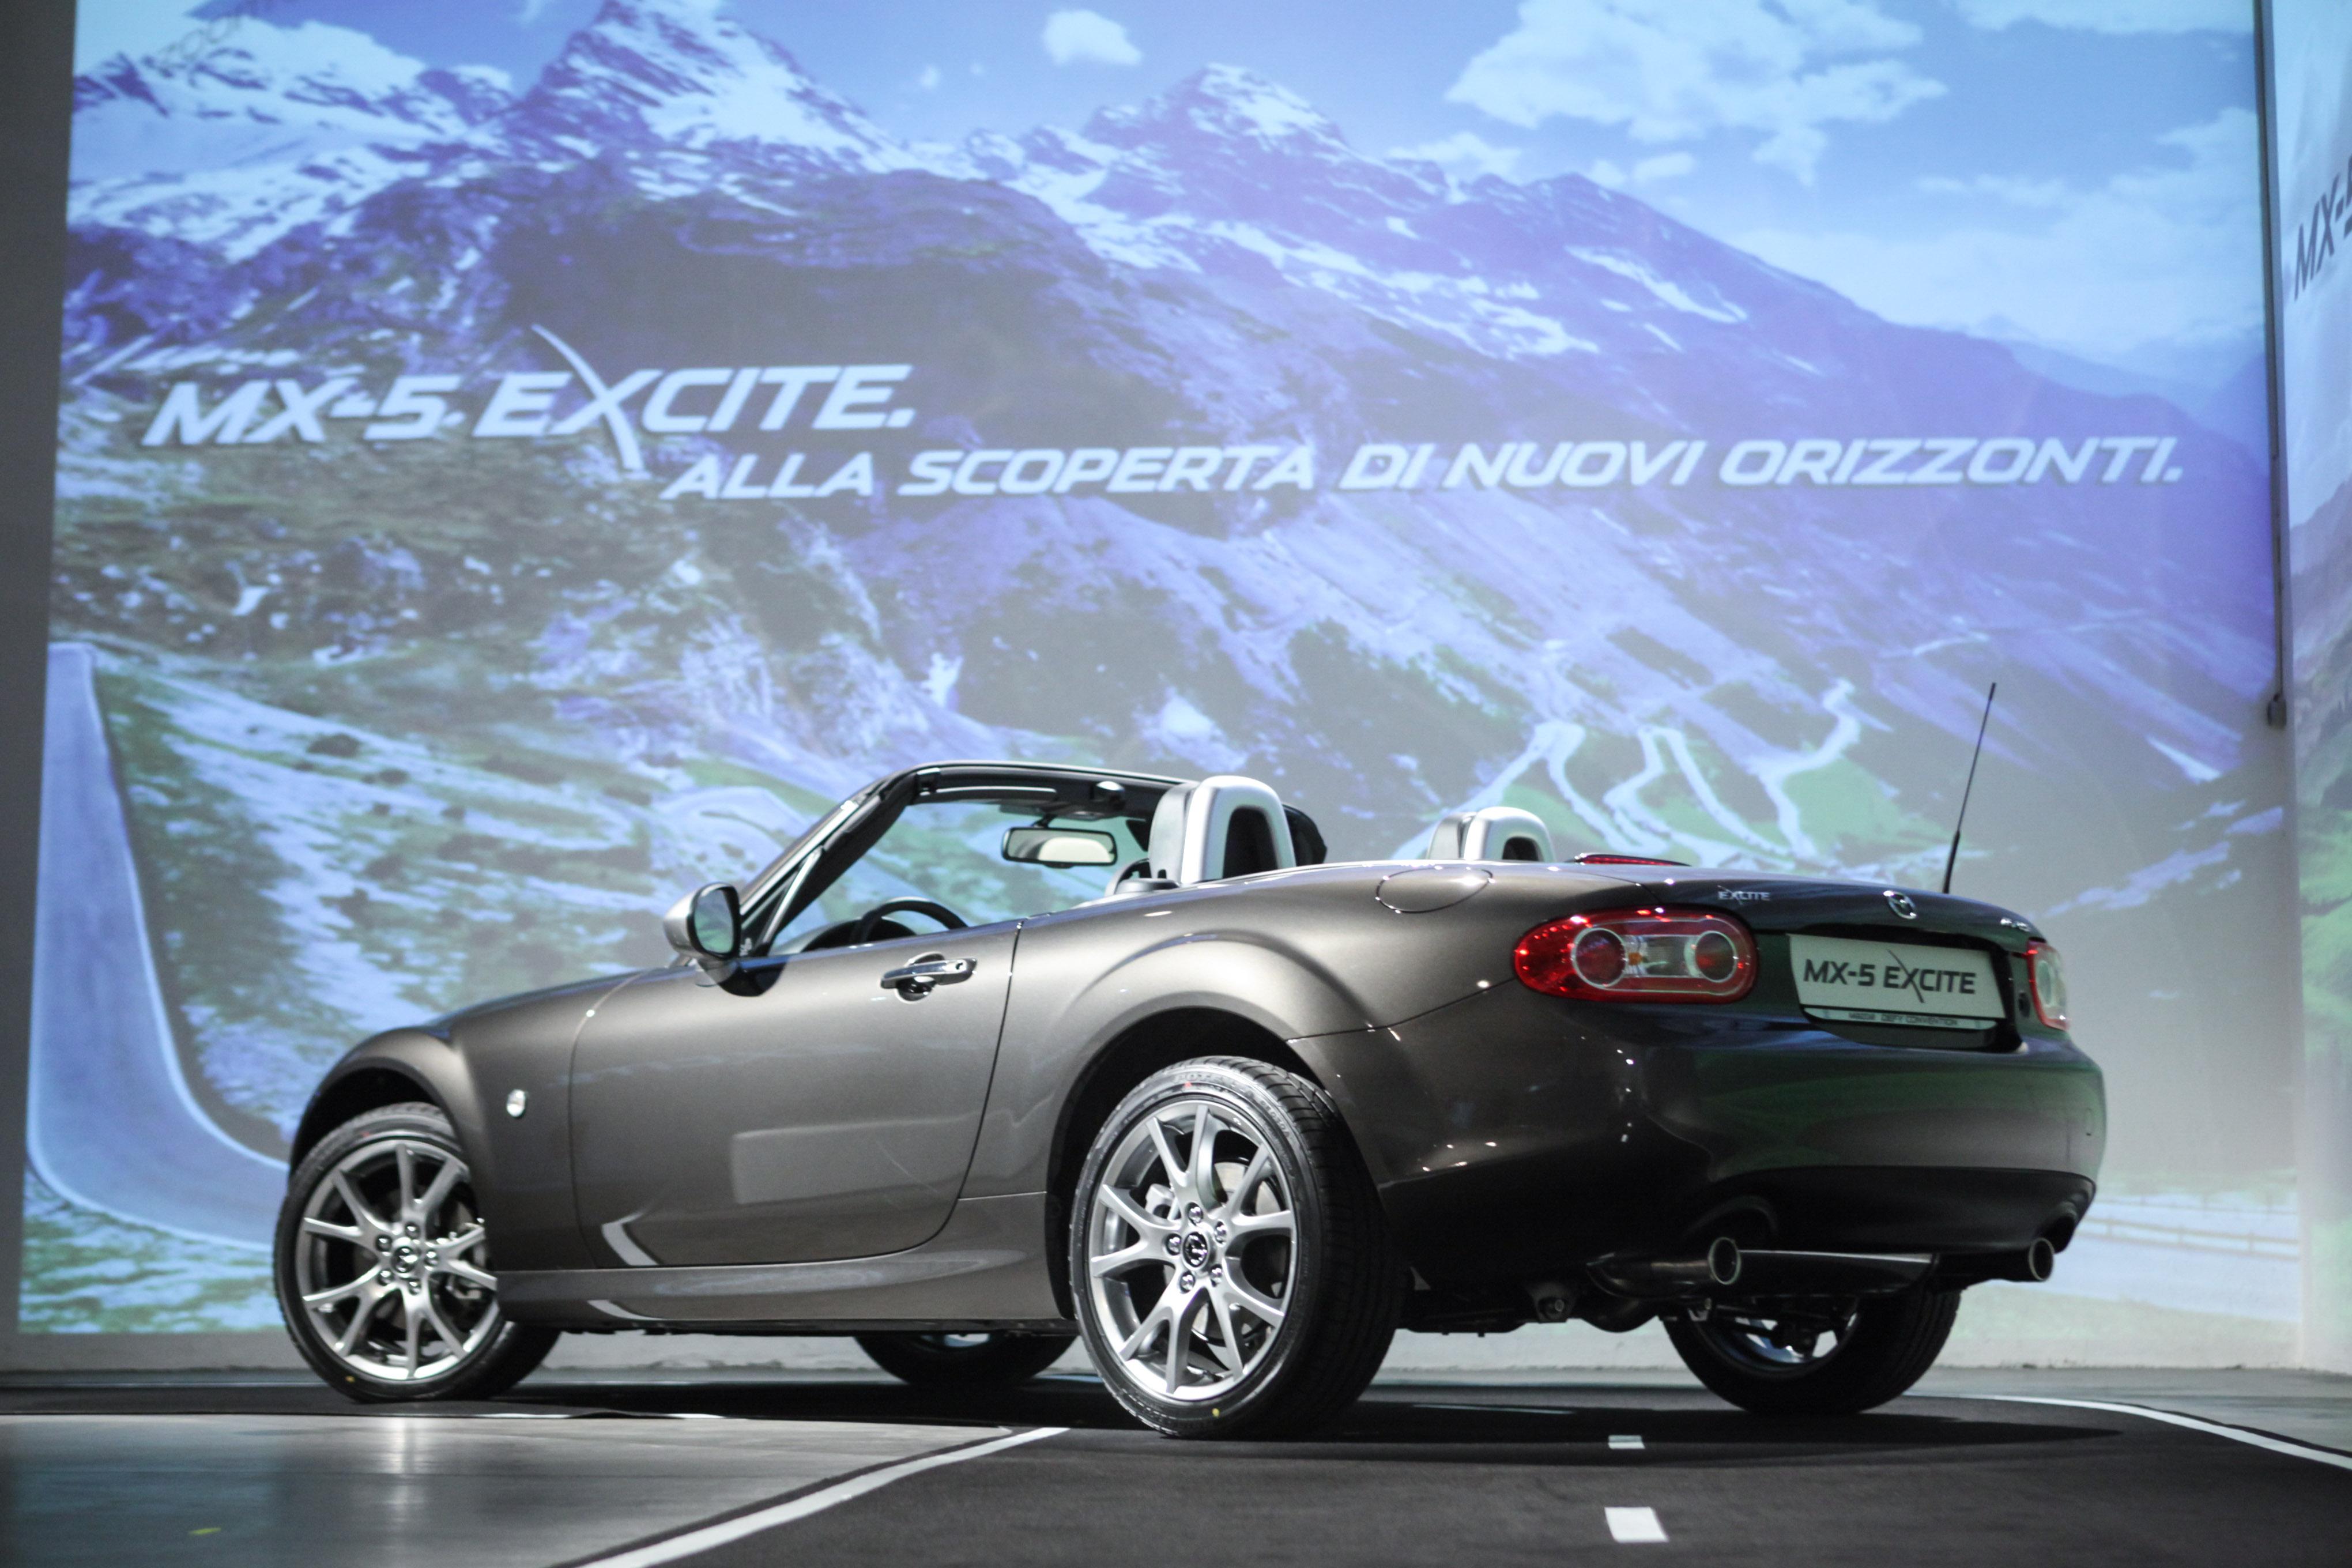 Nuova Mazda MX-5 Excite